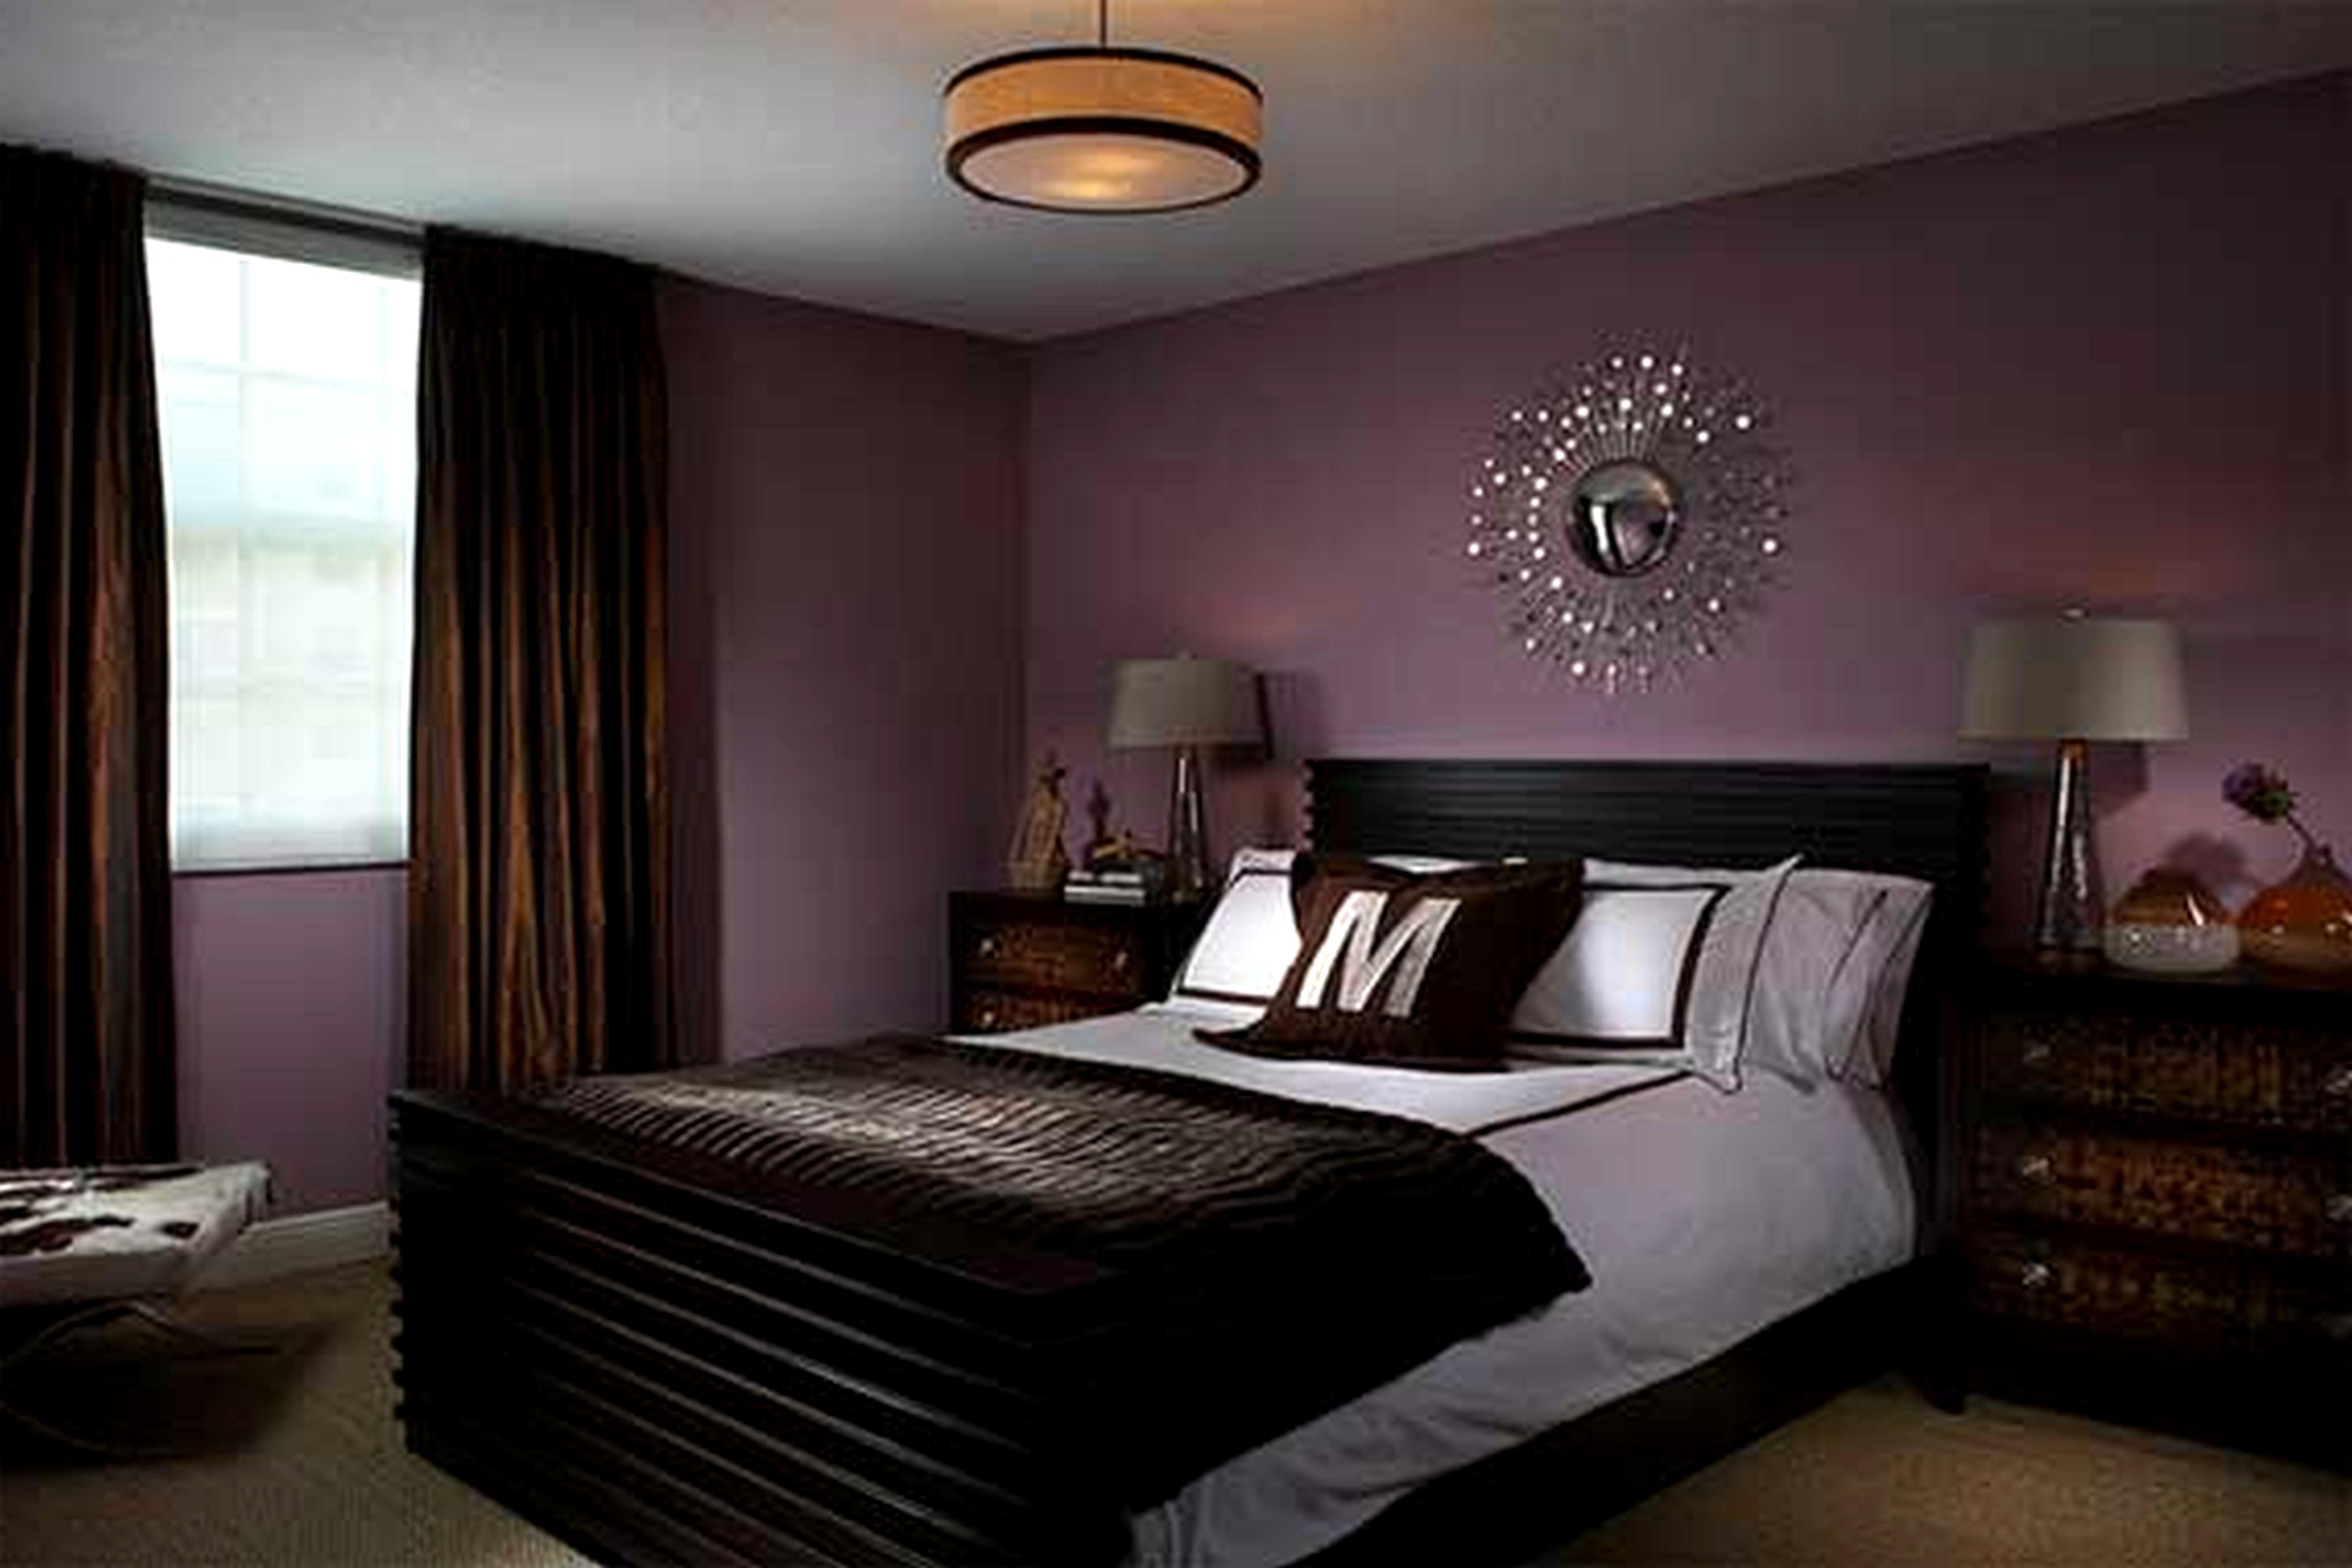 10 Fabulous Purple And Black Bedroom Ideas purple grey and black bedroom ideas e280a2 bedroom ideas